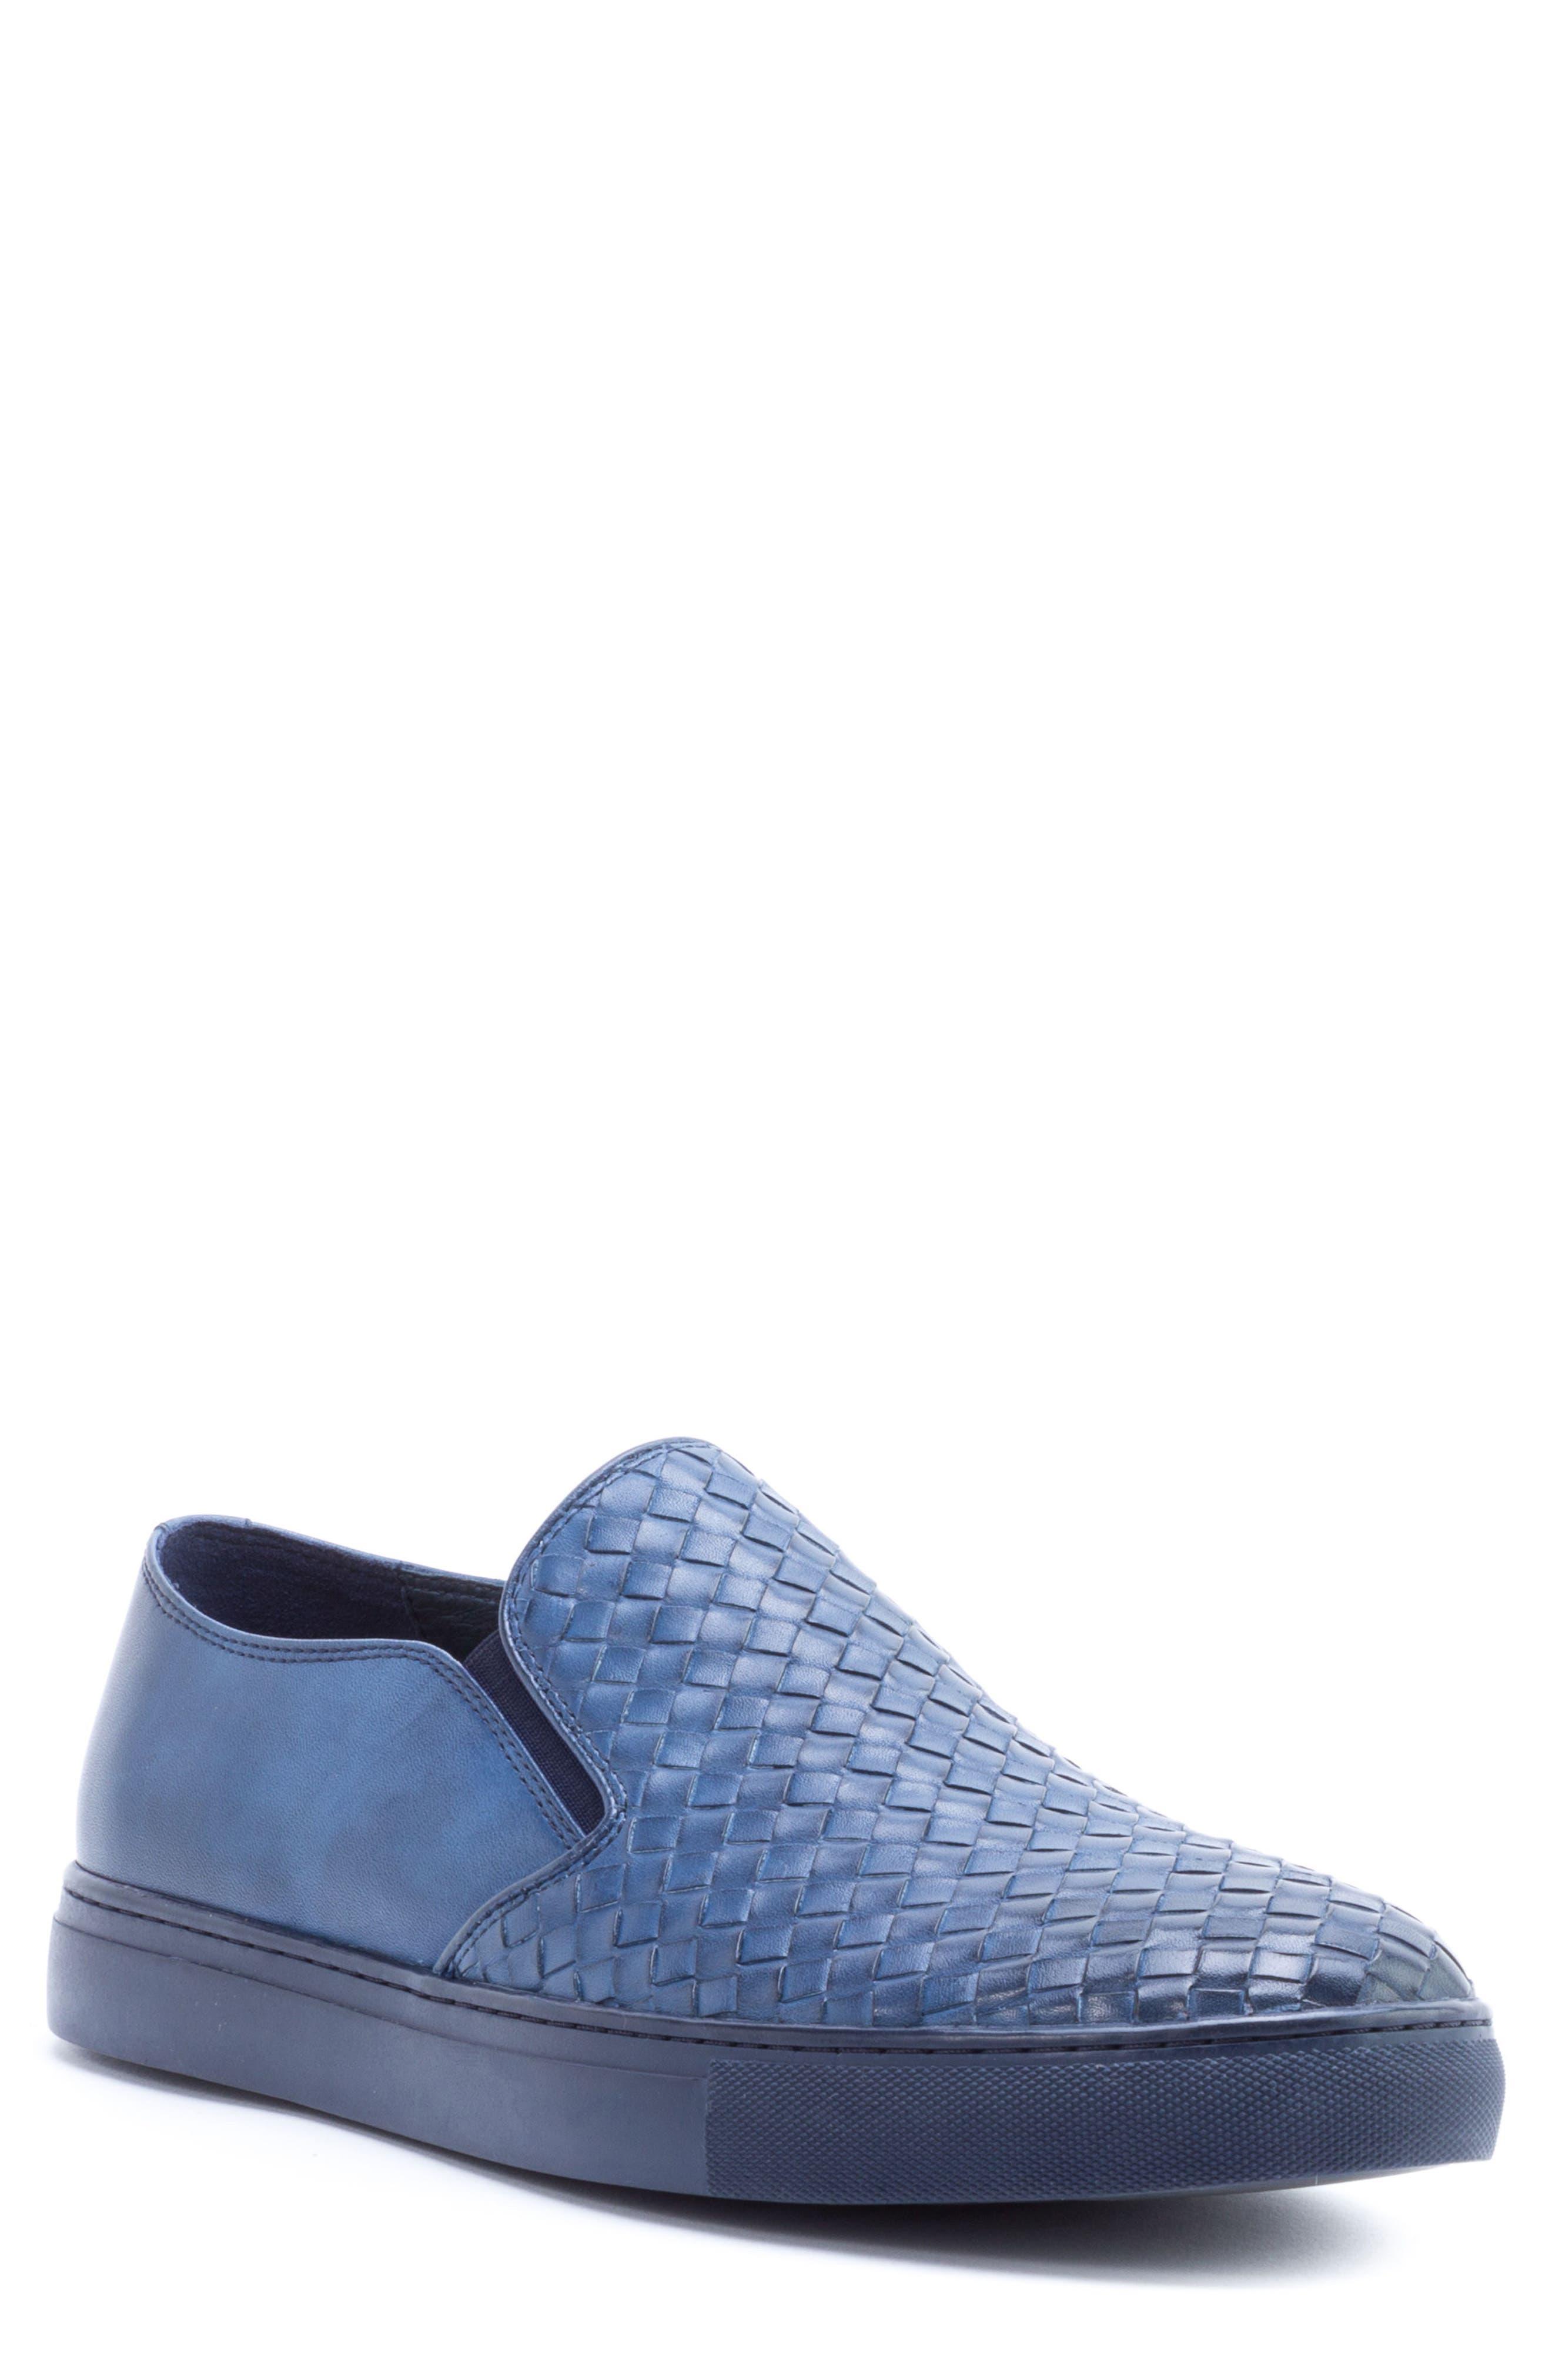 Zanzara Echo Ii Woven Slip-On Sneaker, Blue